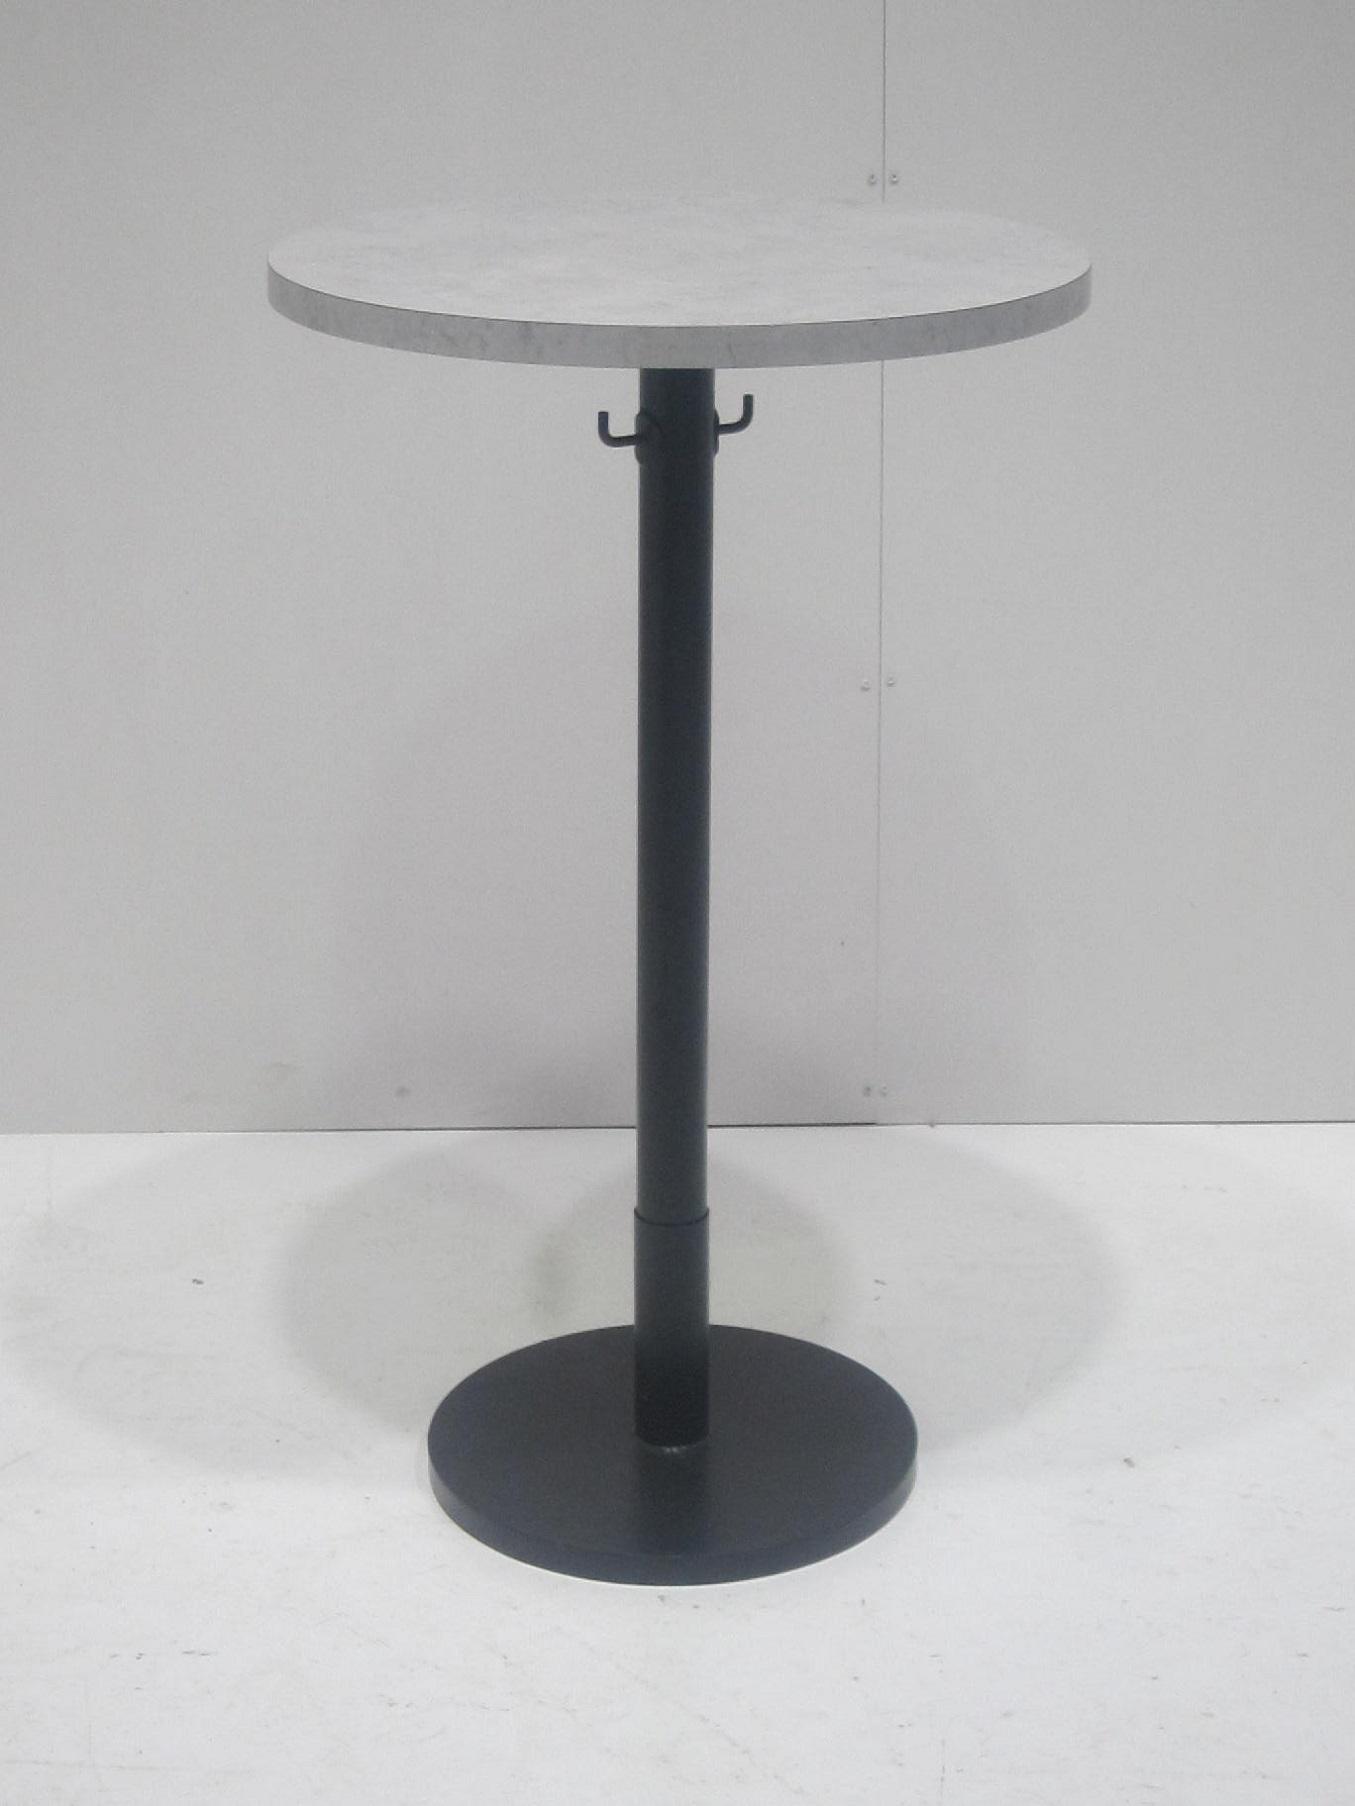 店舗用丸テーブル買取しました!